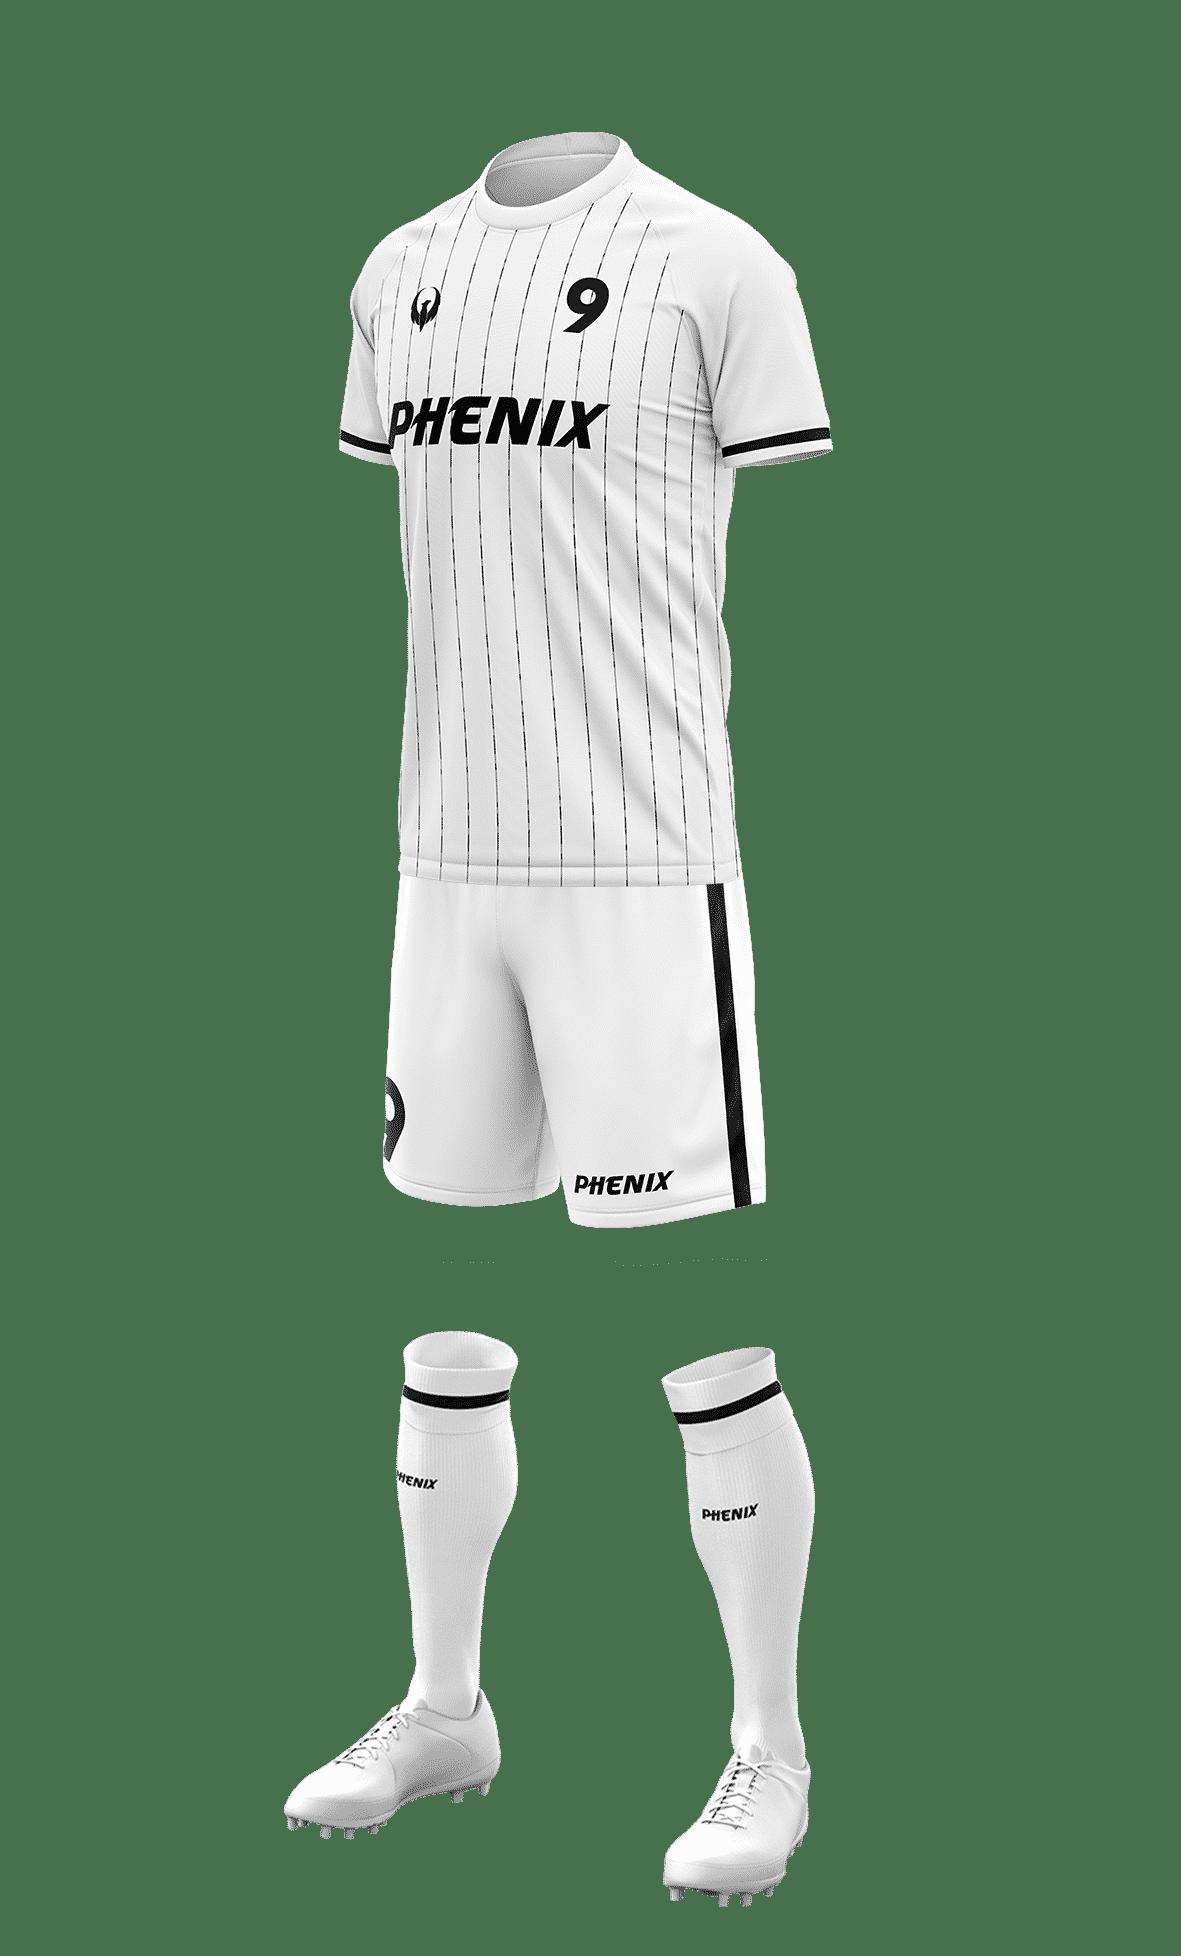 maillot-phenix-sport-club-6